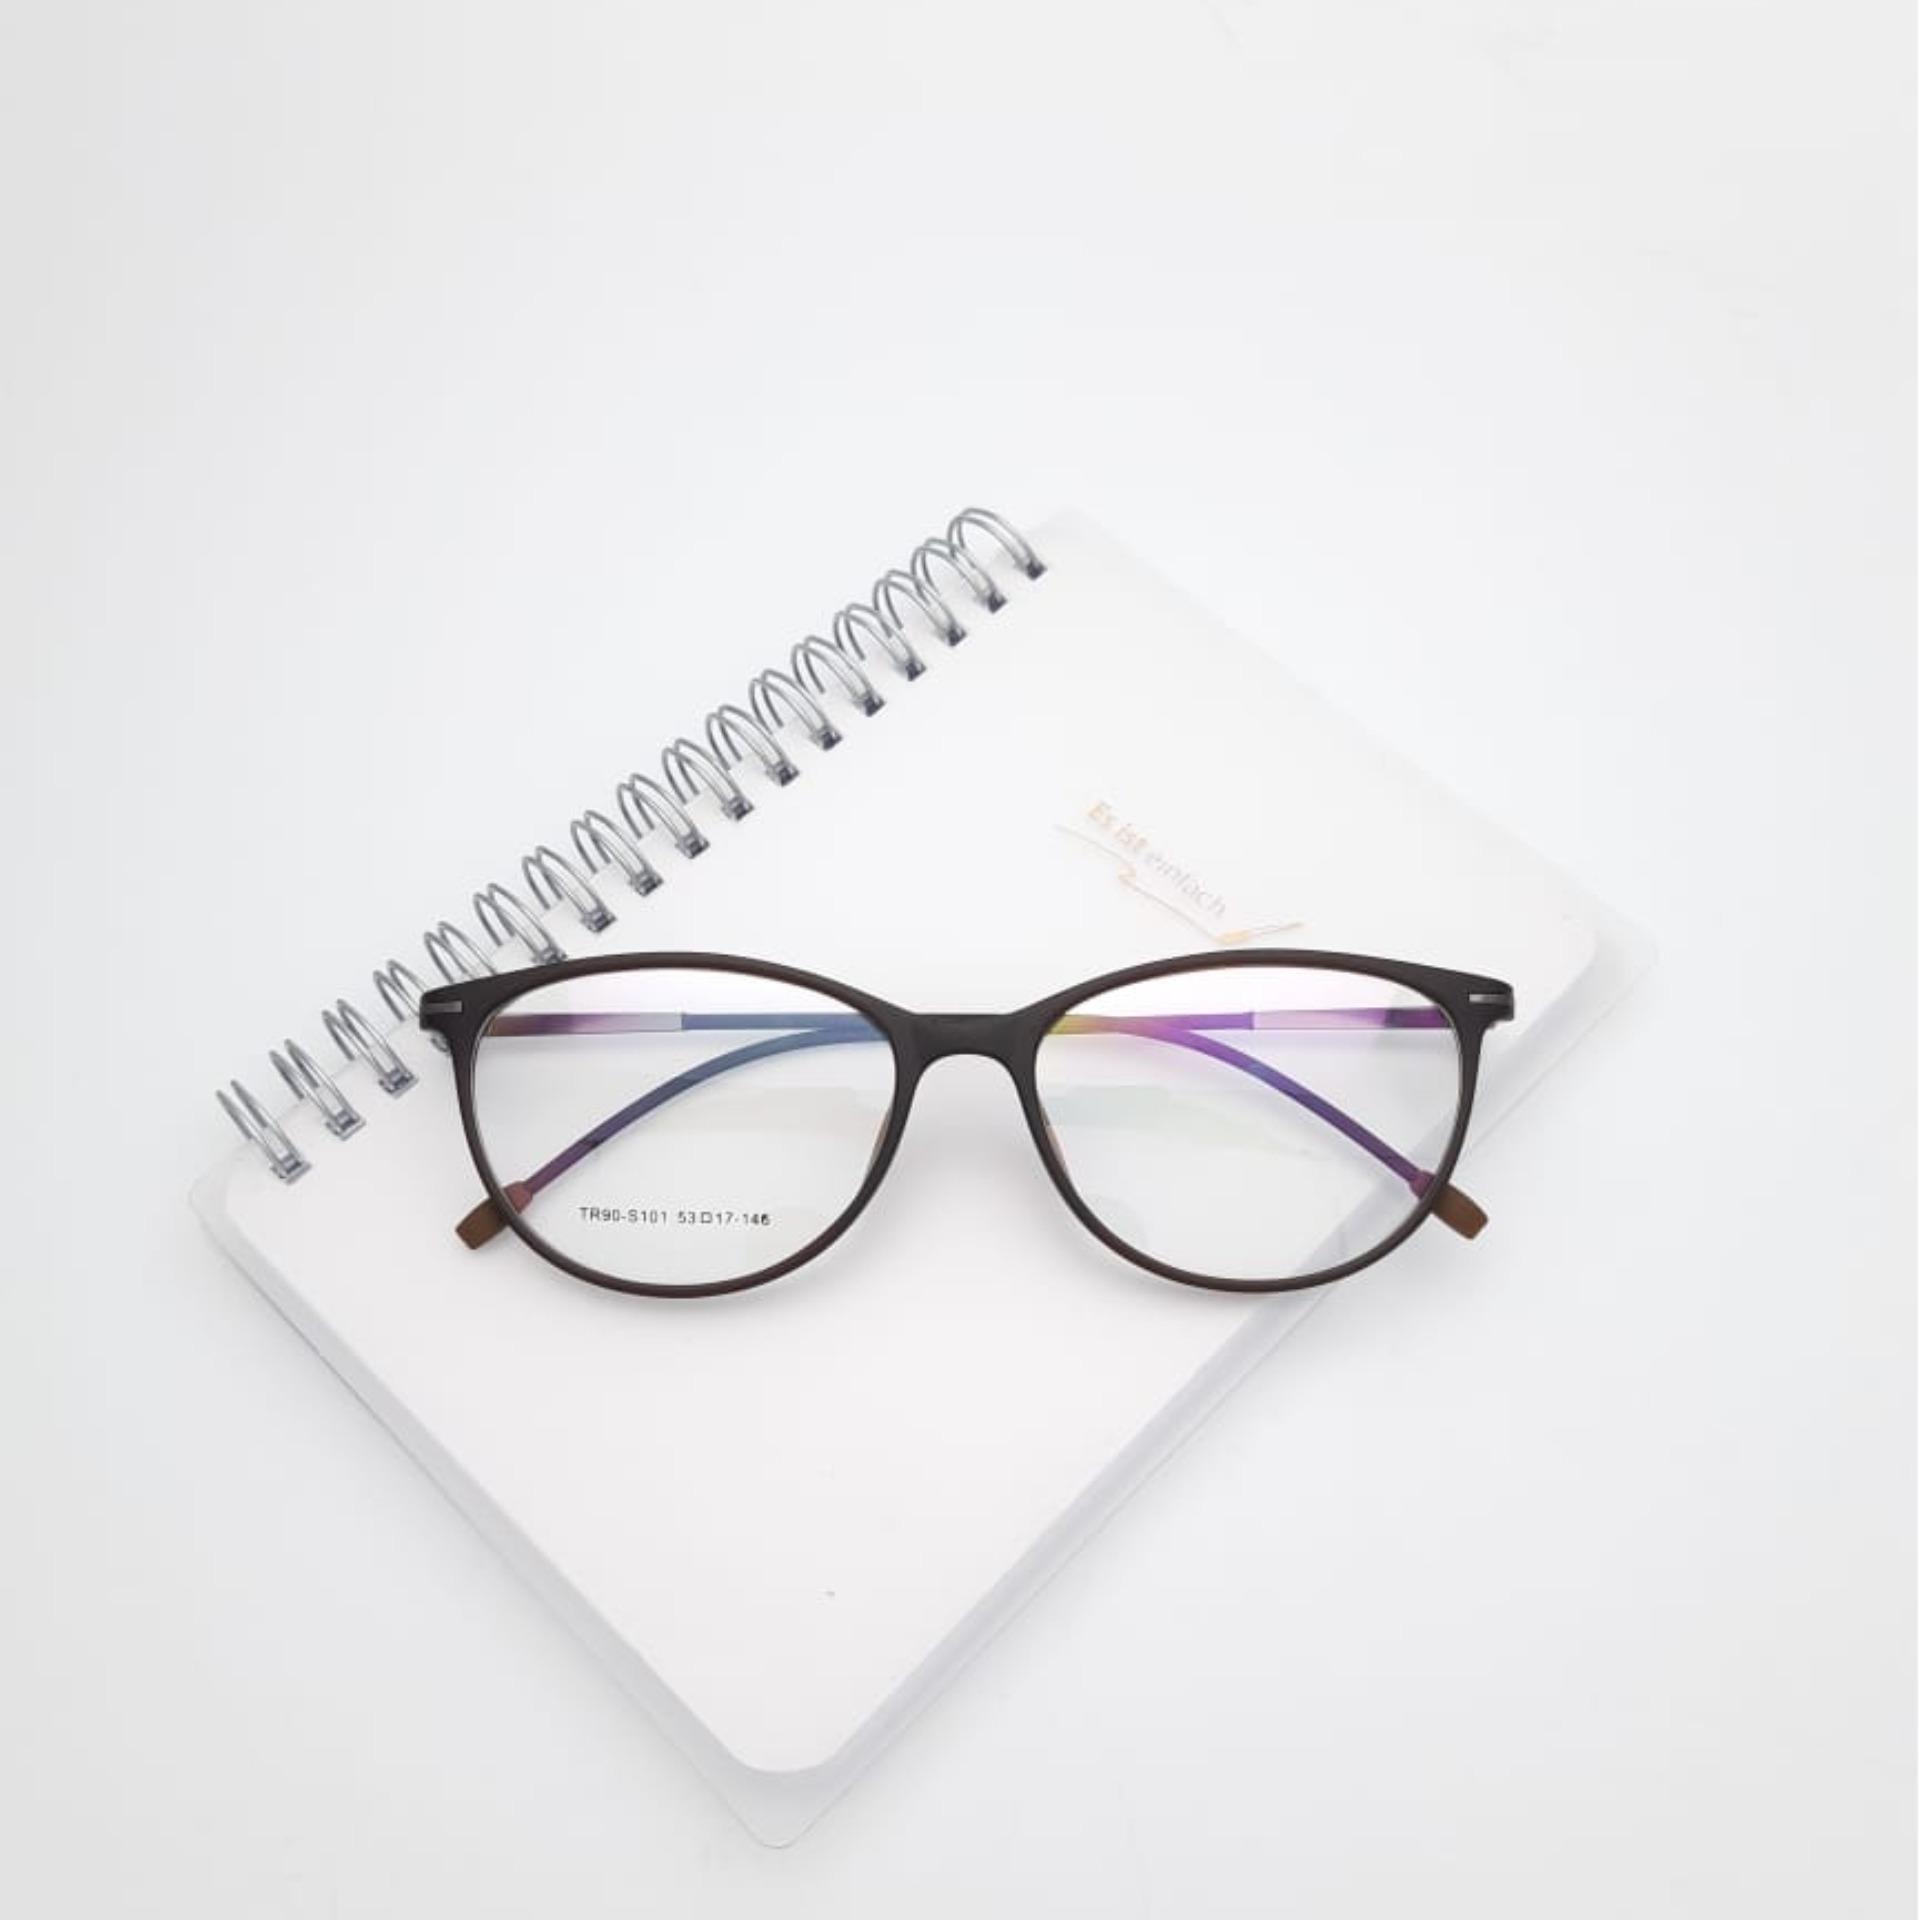 Clear Lens Eyewear - intl. Source · FRAME KACAMATA WANITA IMPORT EYEGLSSES .